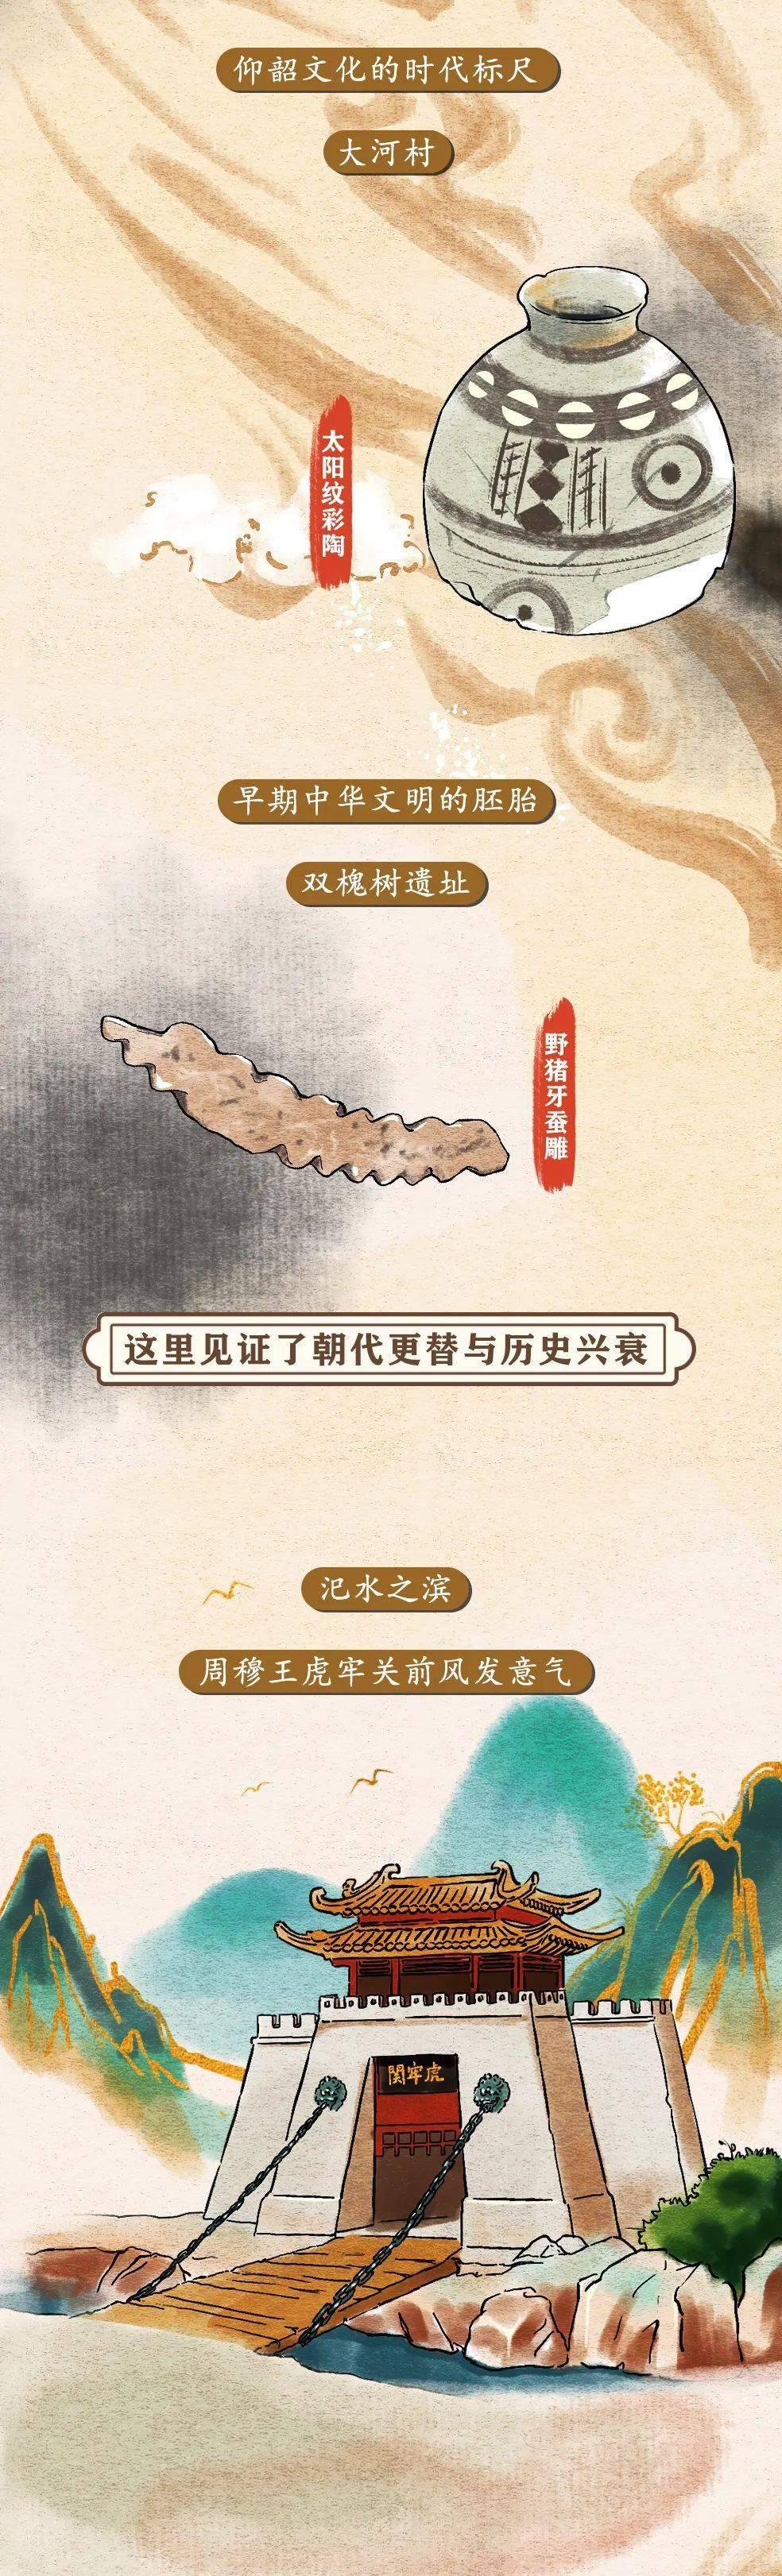 【中国梦·黄河情】黄河!黄河!